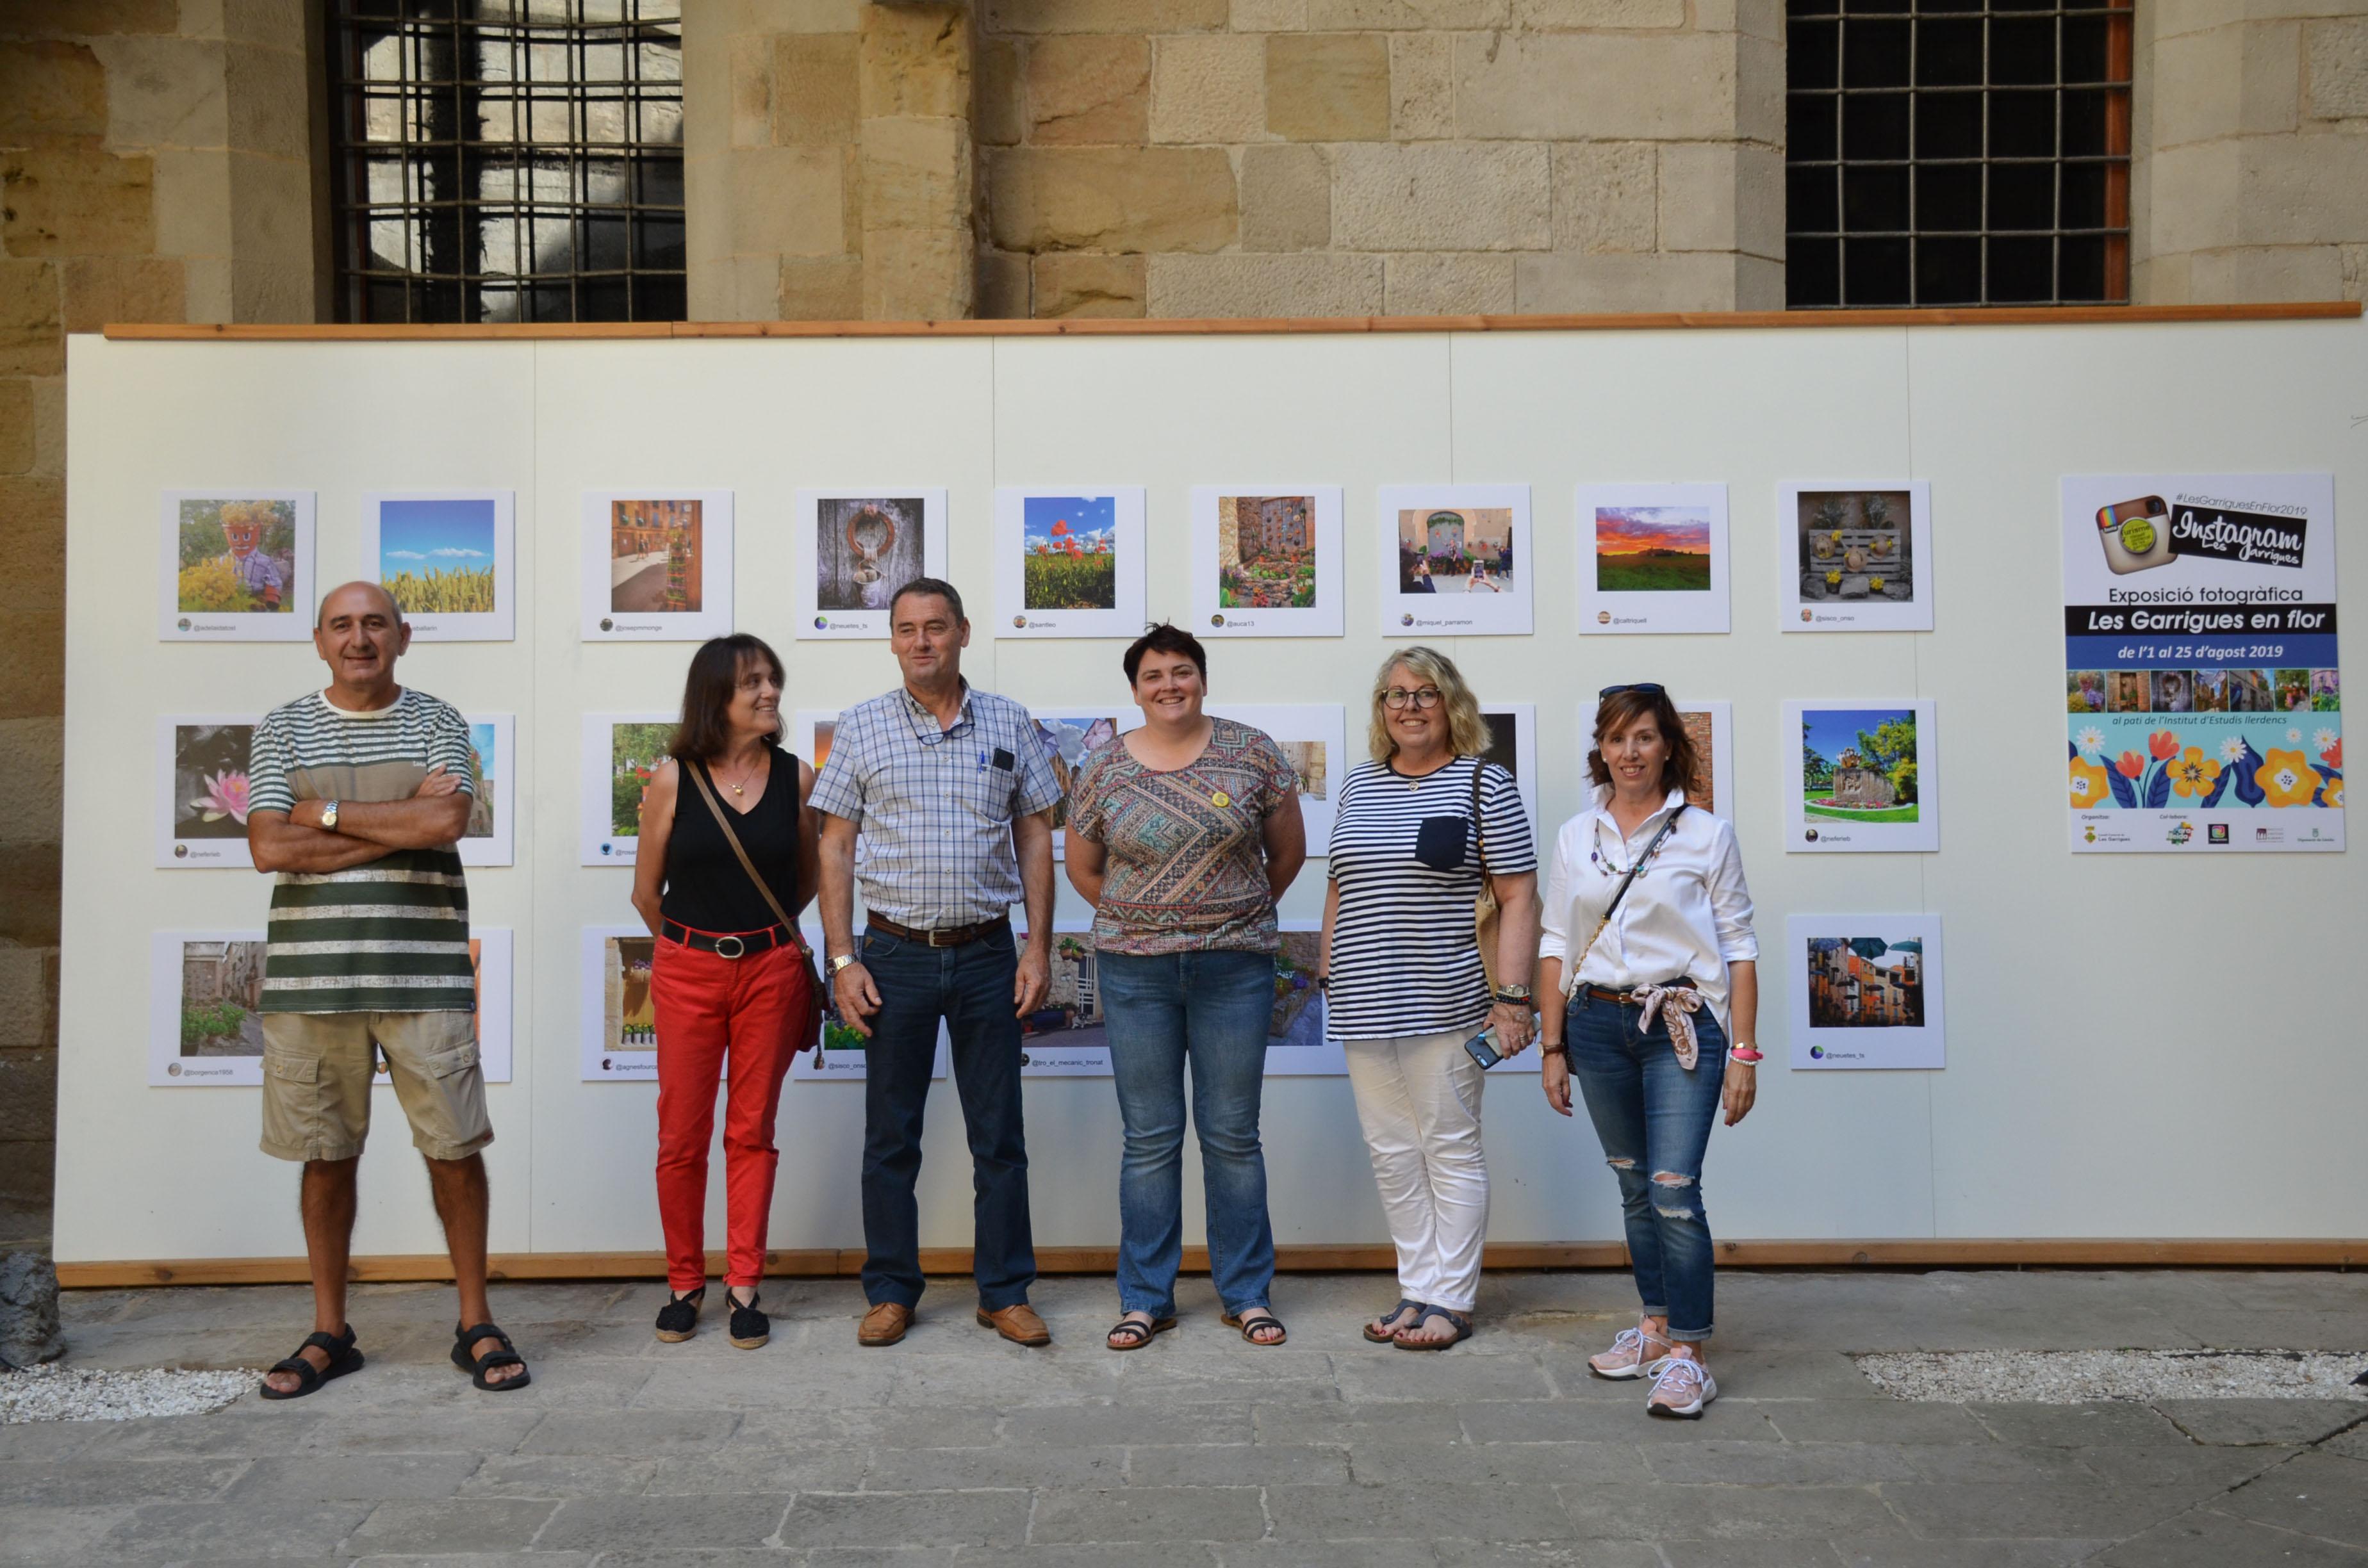 """Fins al 25 d'agost es pot visitar a l'IEI l'exposició de fotografies del concurs d'Instagram """"Les Garrigues en Flor"""""""